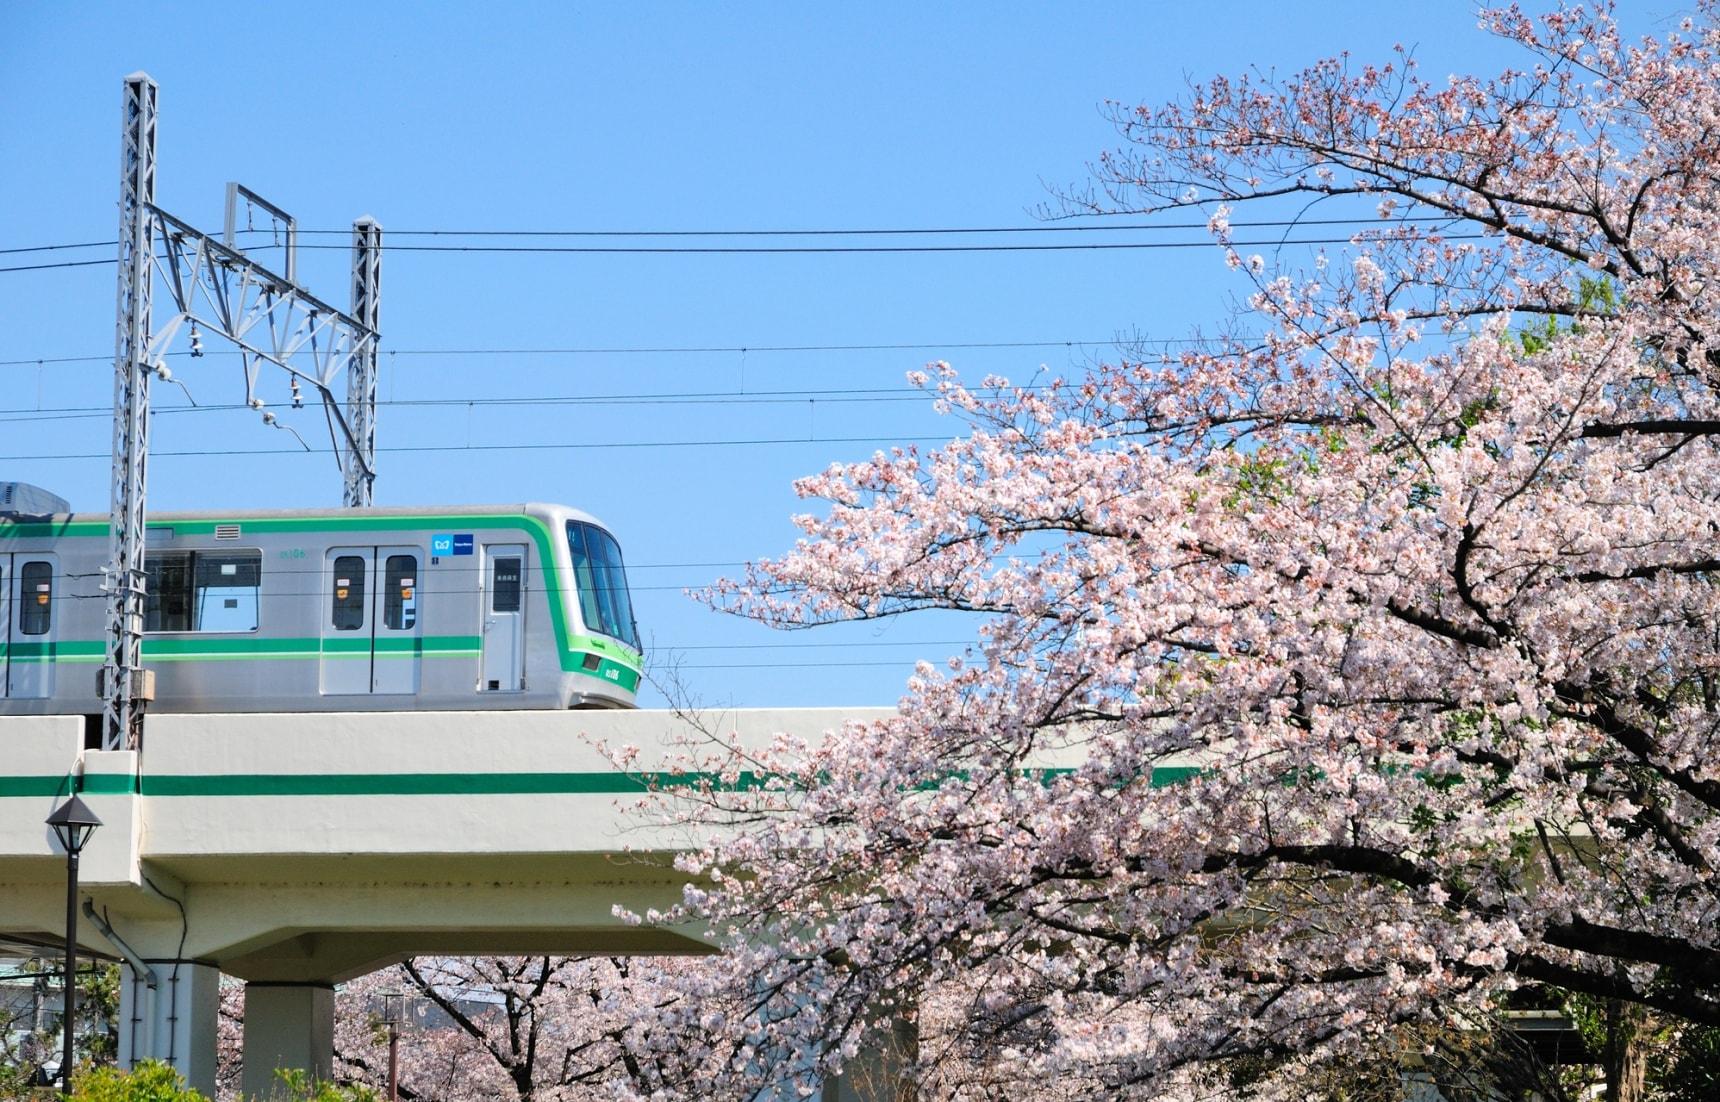 ลุยที่เที่ยวติดรถไฟ Tokyo Metro Chiyoda Line